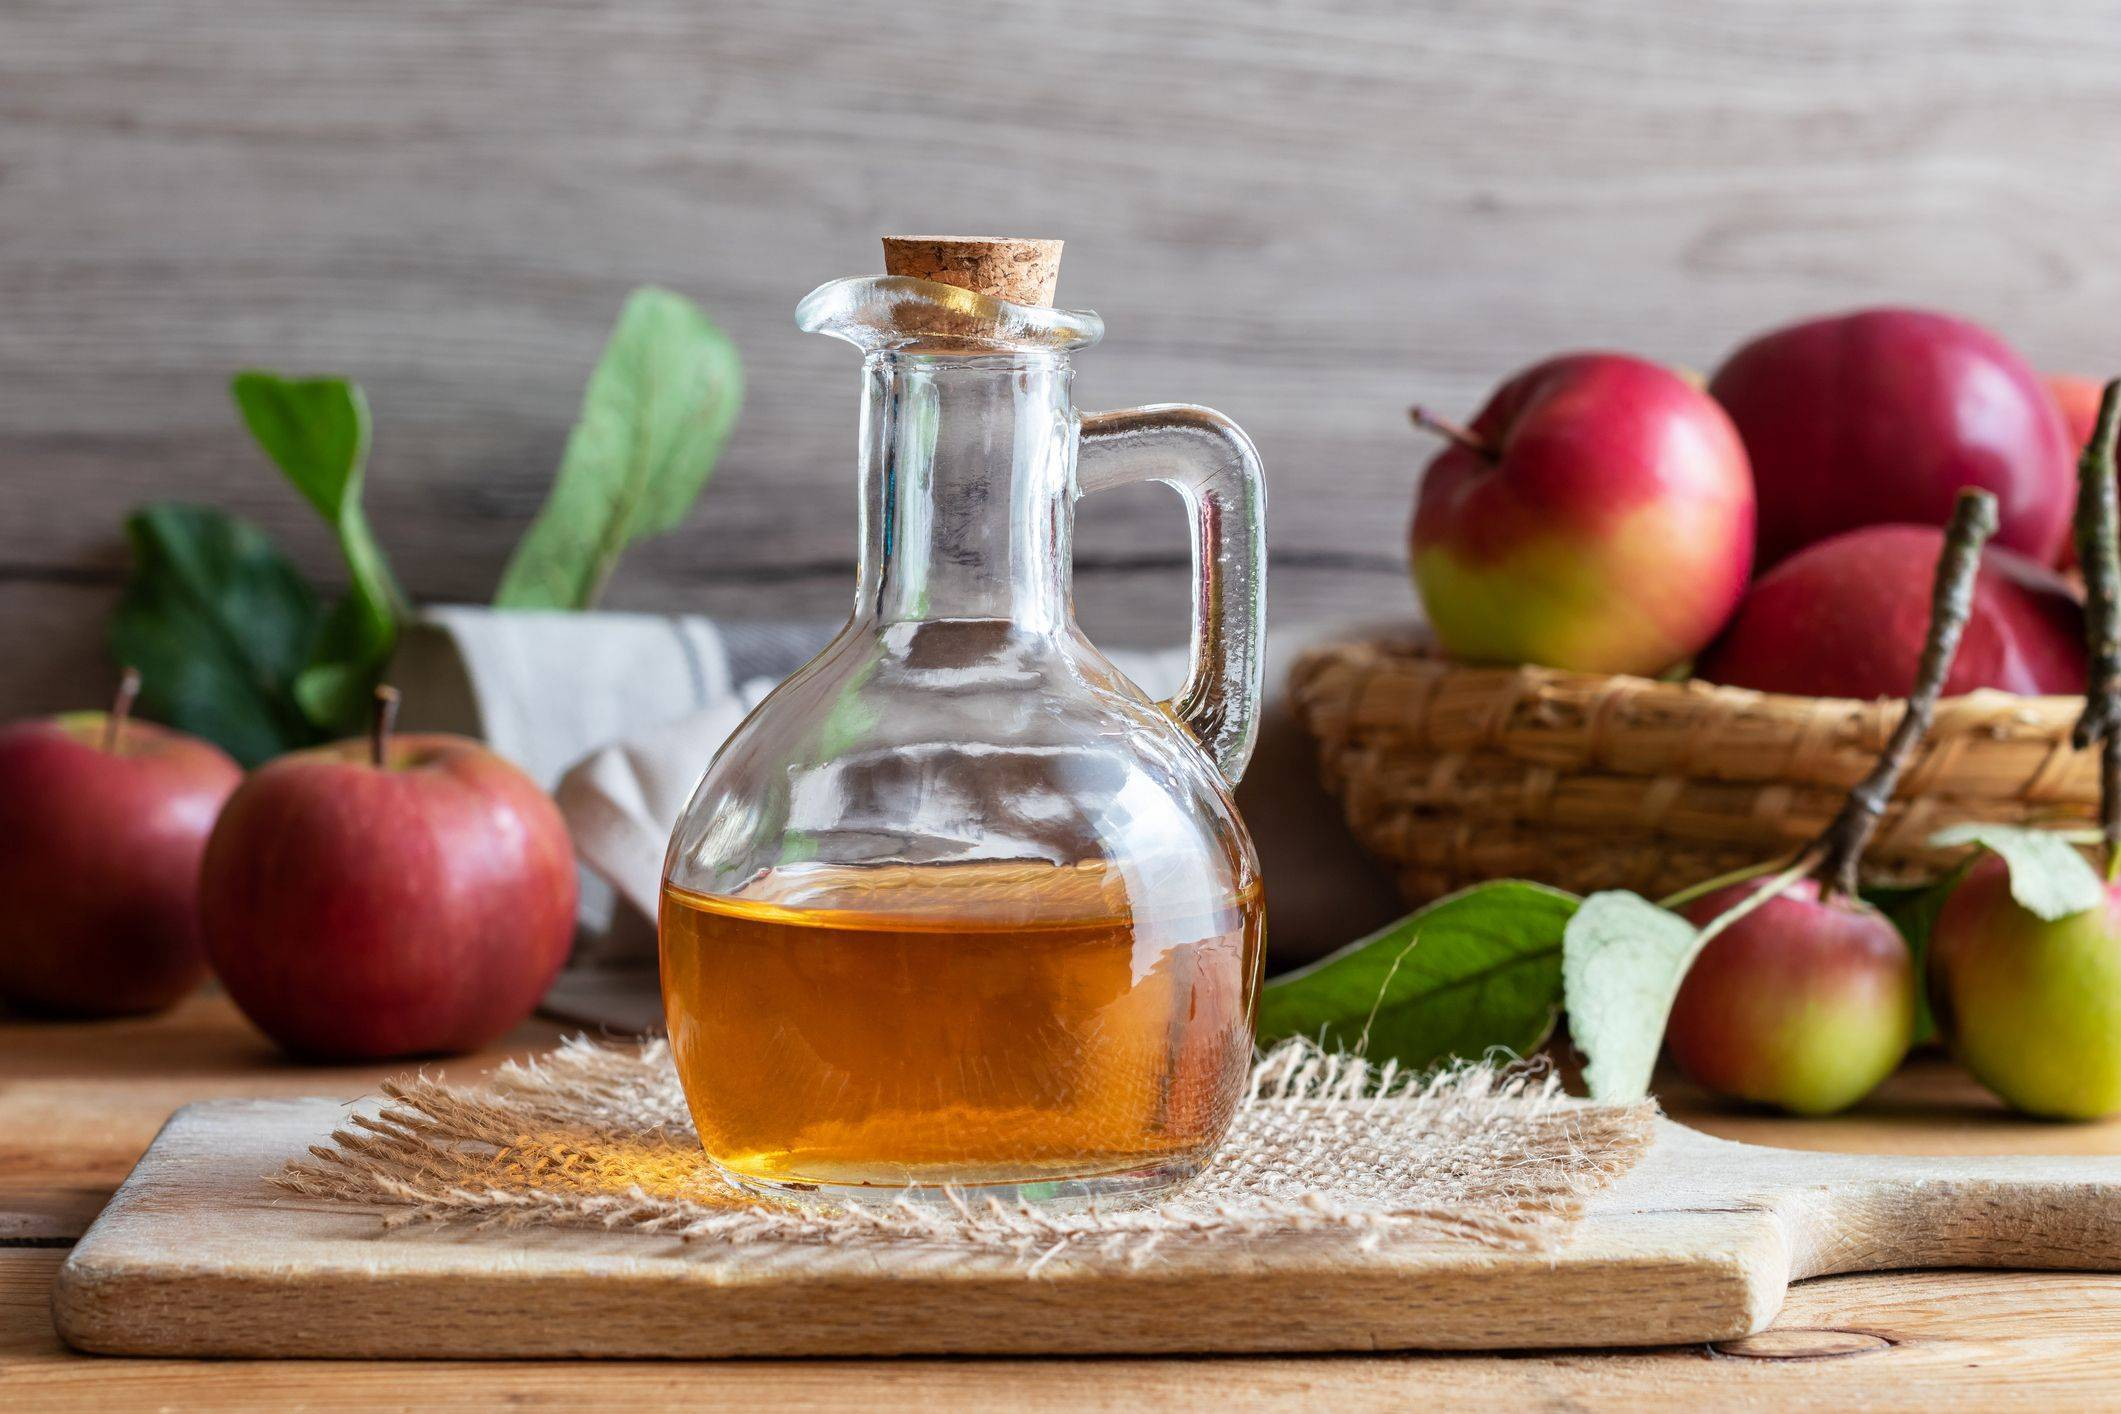 Готовим яблочный уксус в домашних условиях: 5 лучших рецептов